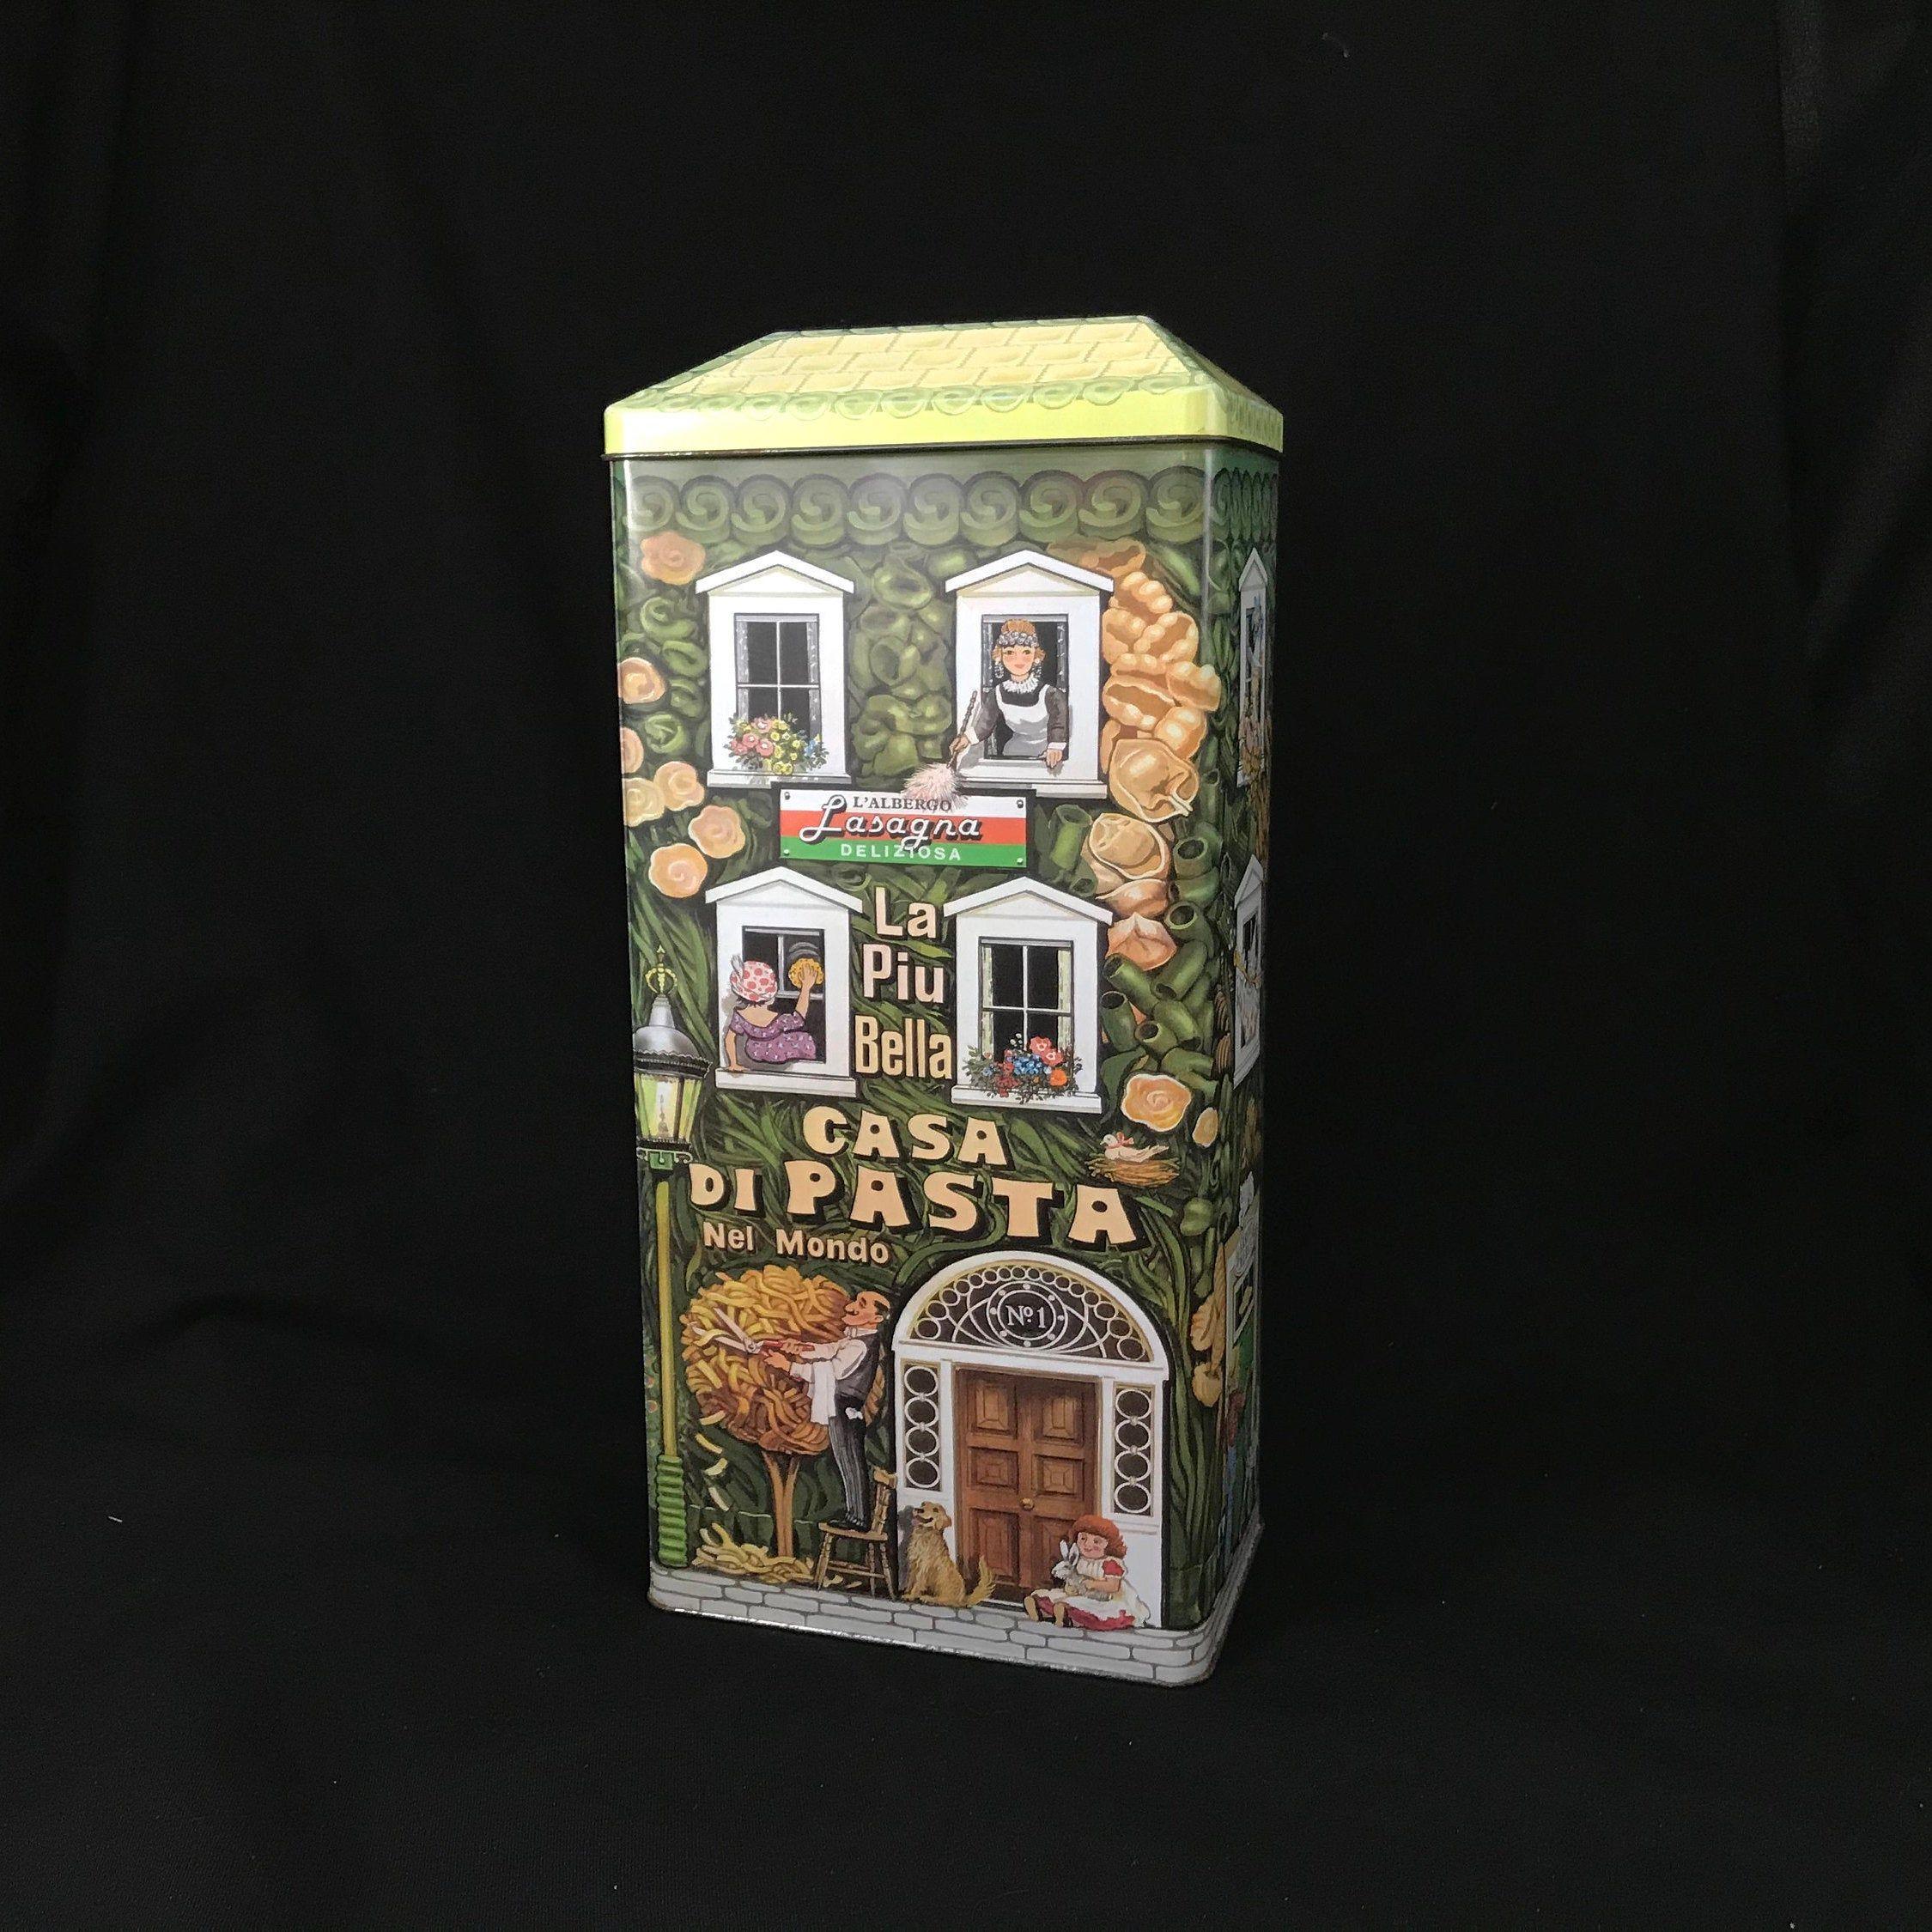 La Piu Bella Casa Di Pasta Vintage Tin Building Tall Pasta Tin Made in USA The Olive Can Company 1997 by the Silver Crane Company